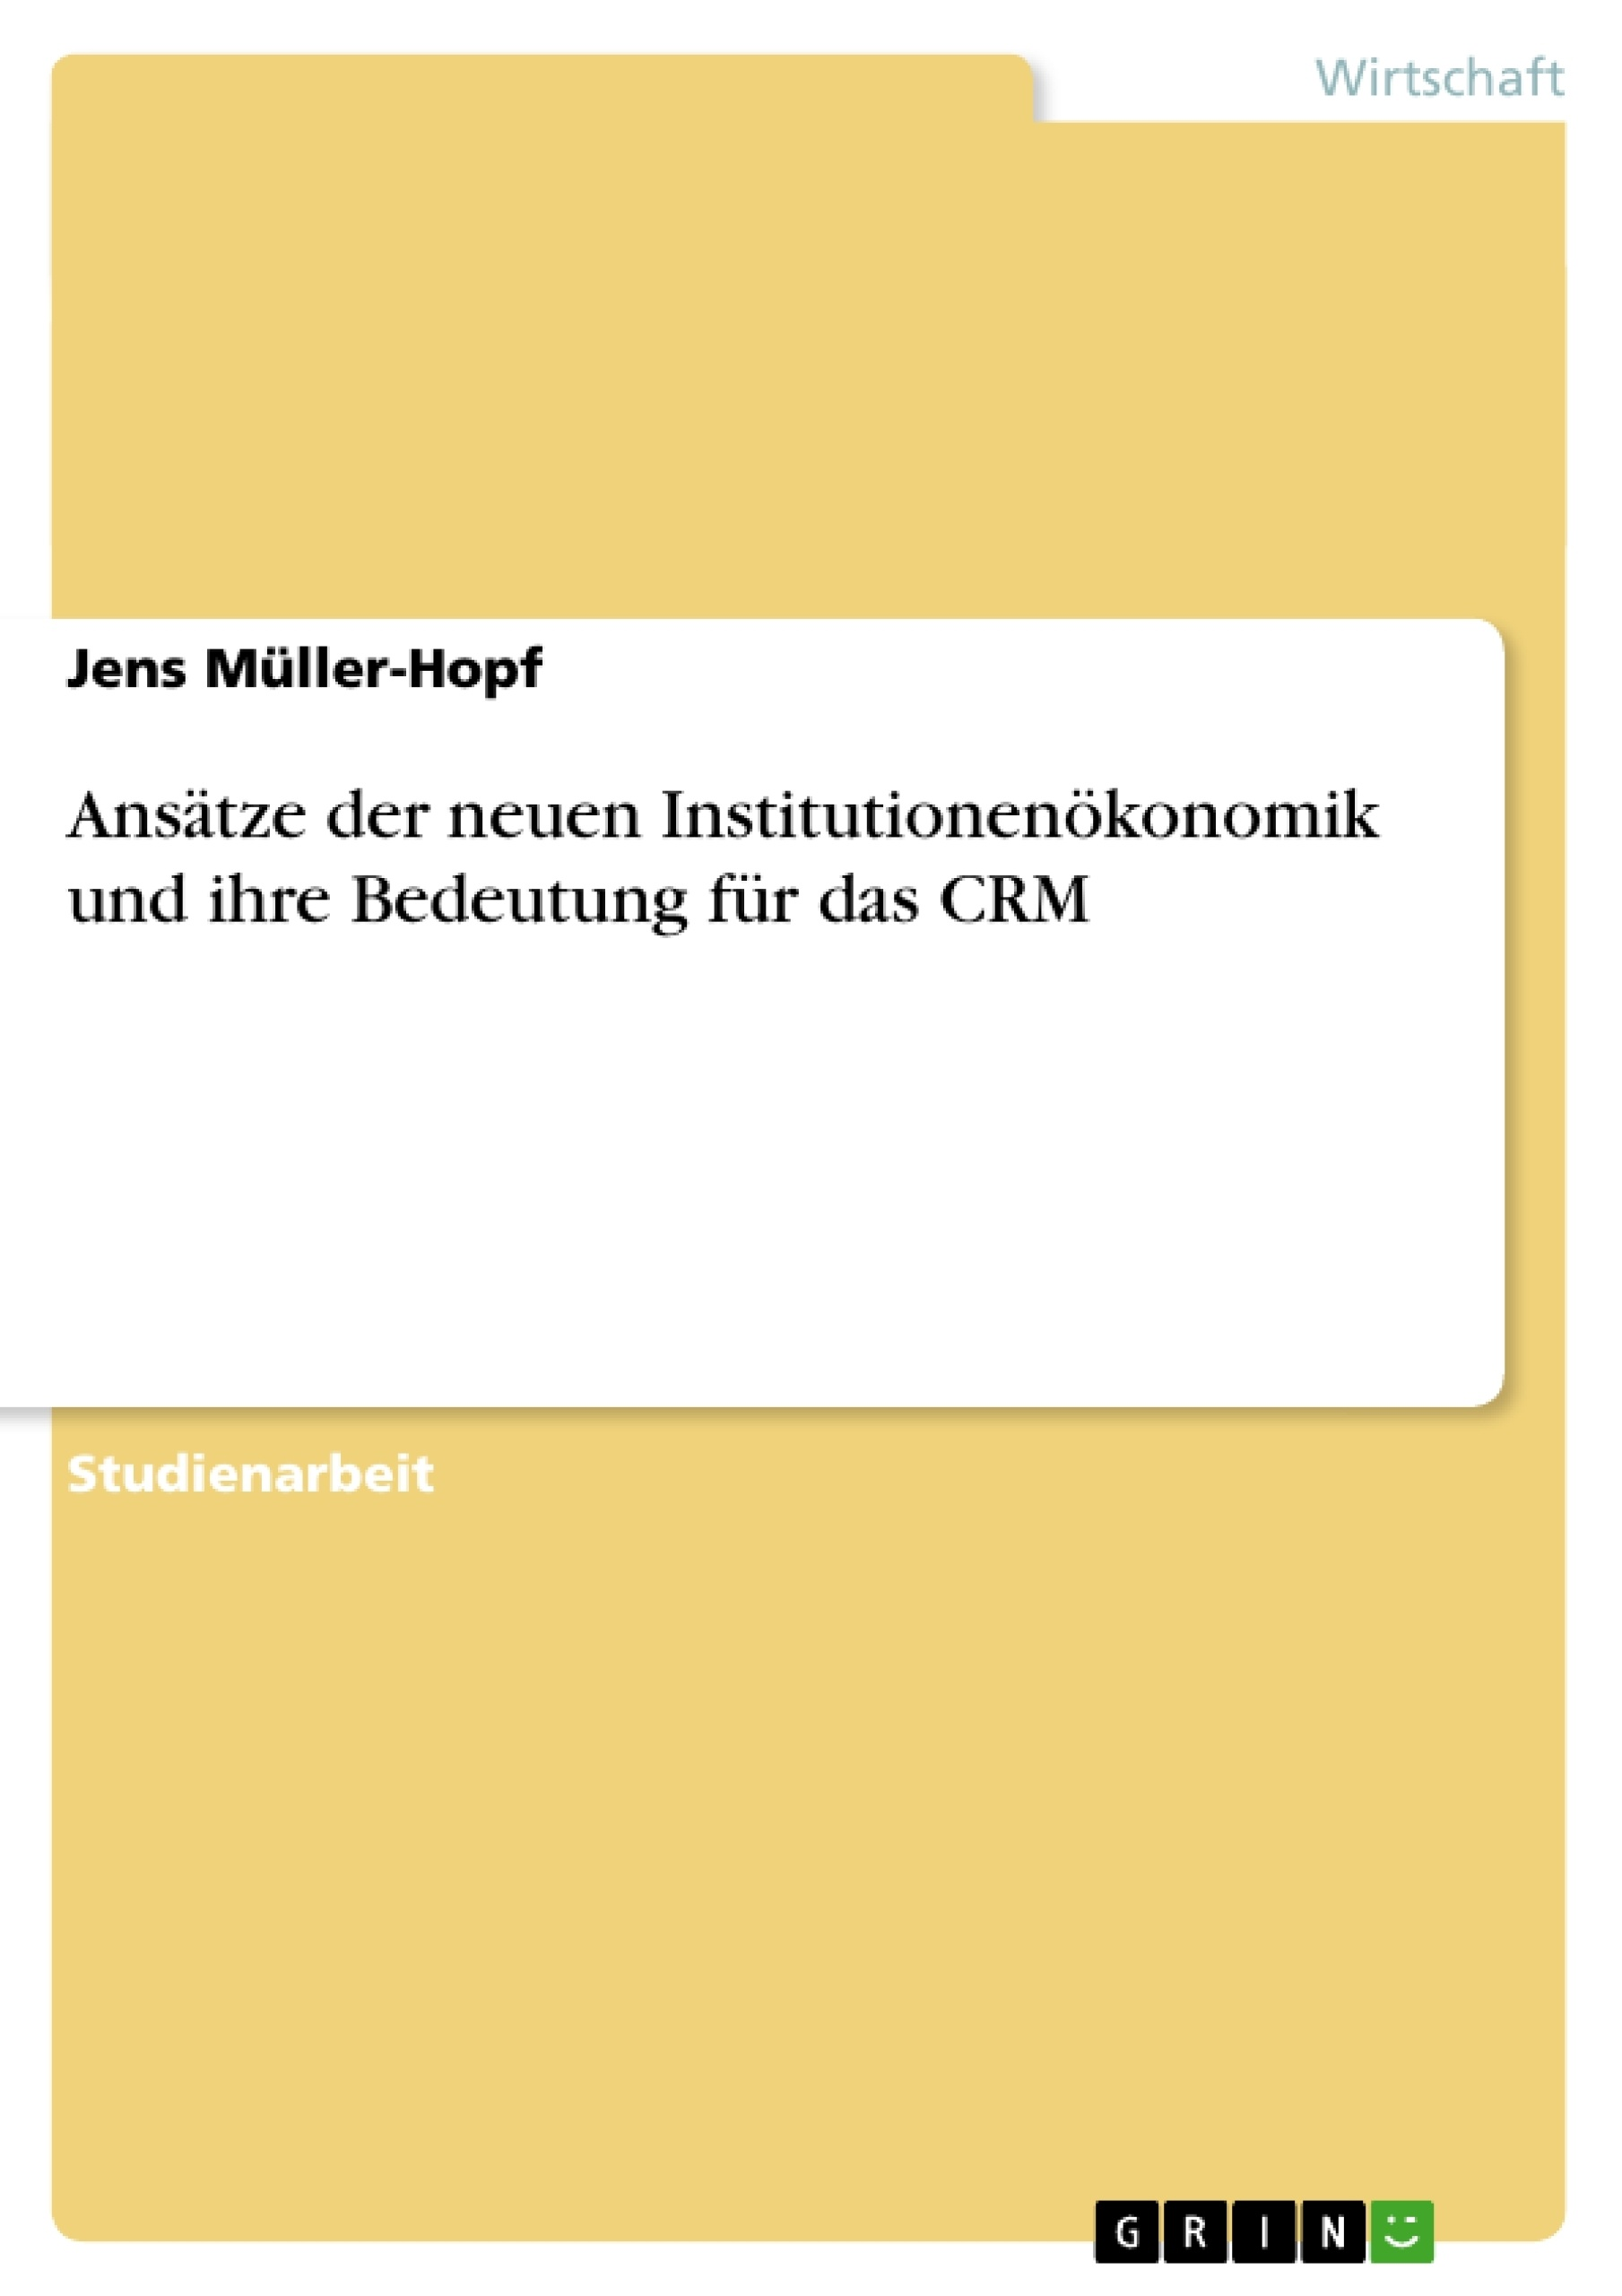 Titel: Ansätze der neuen Institutionenökonomik und ihre Bedeutung für das CRM